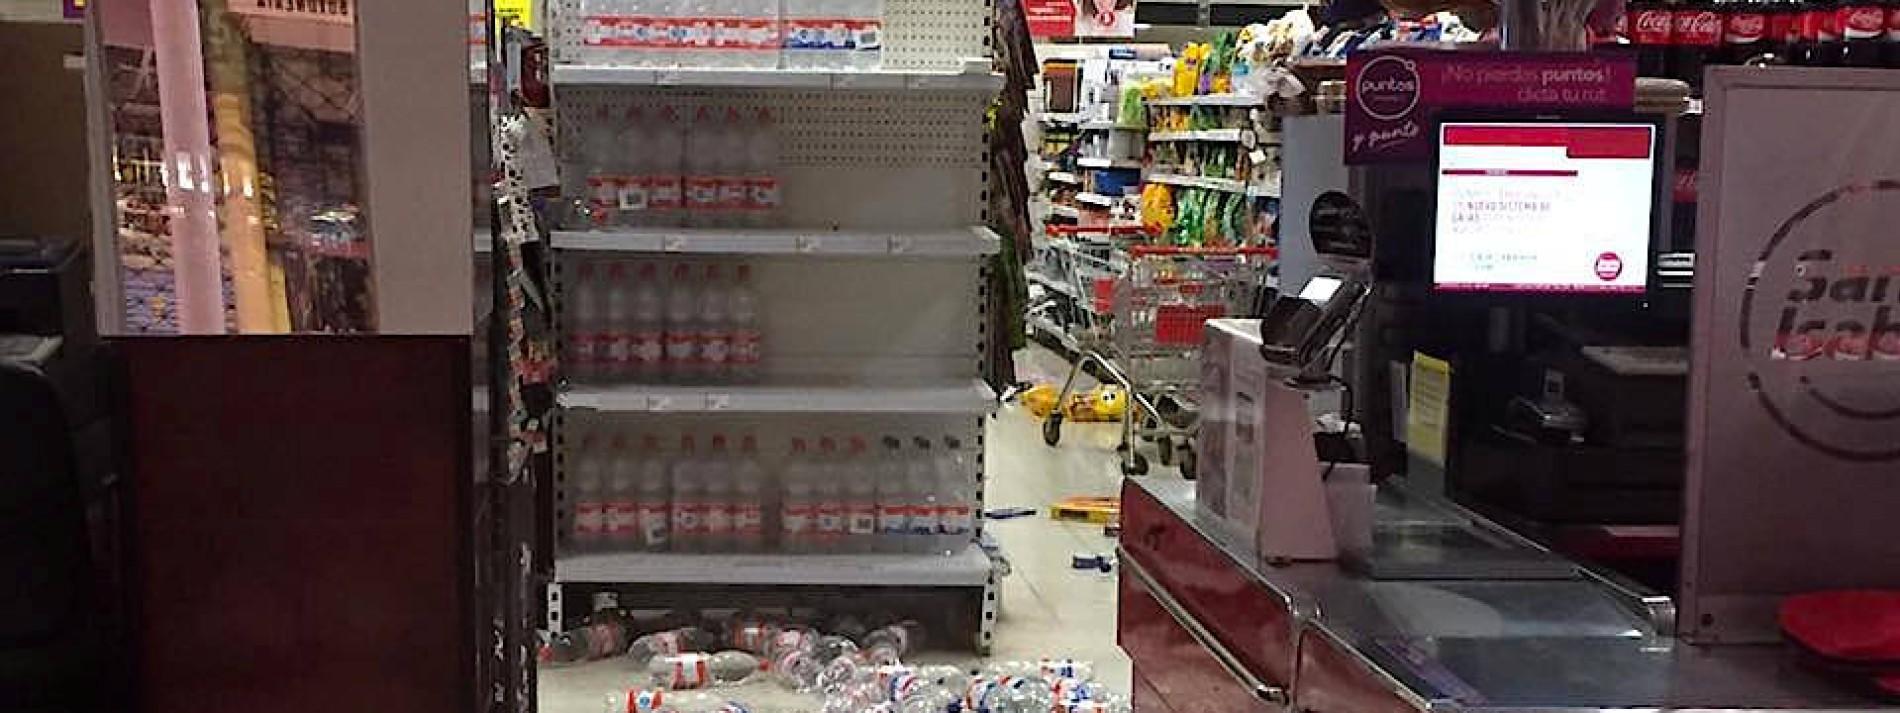 Starkes Beben erschüttert Chile